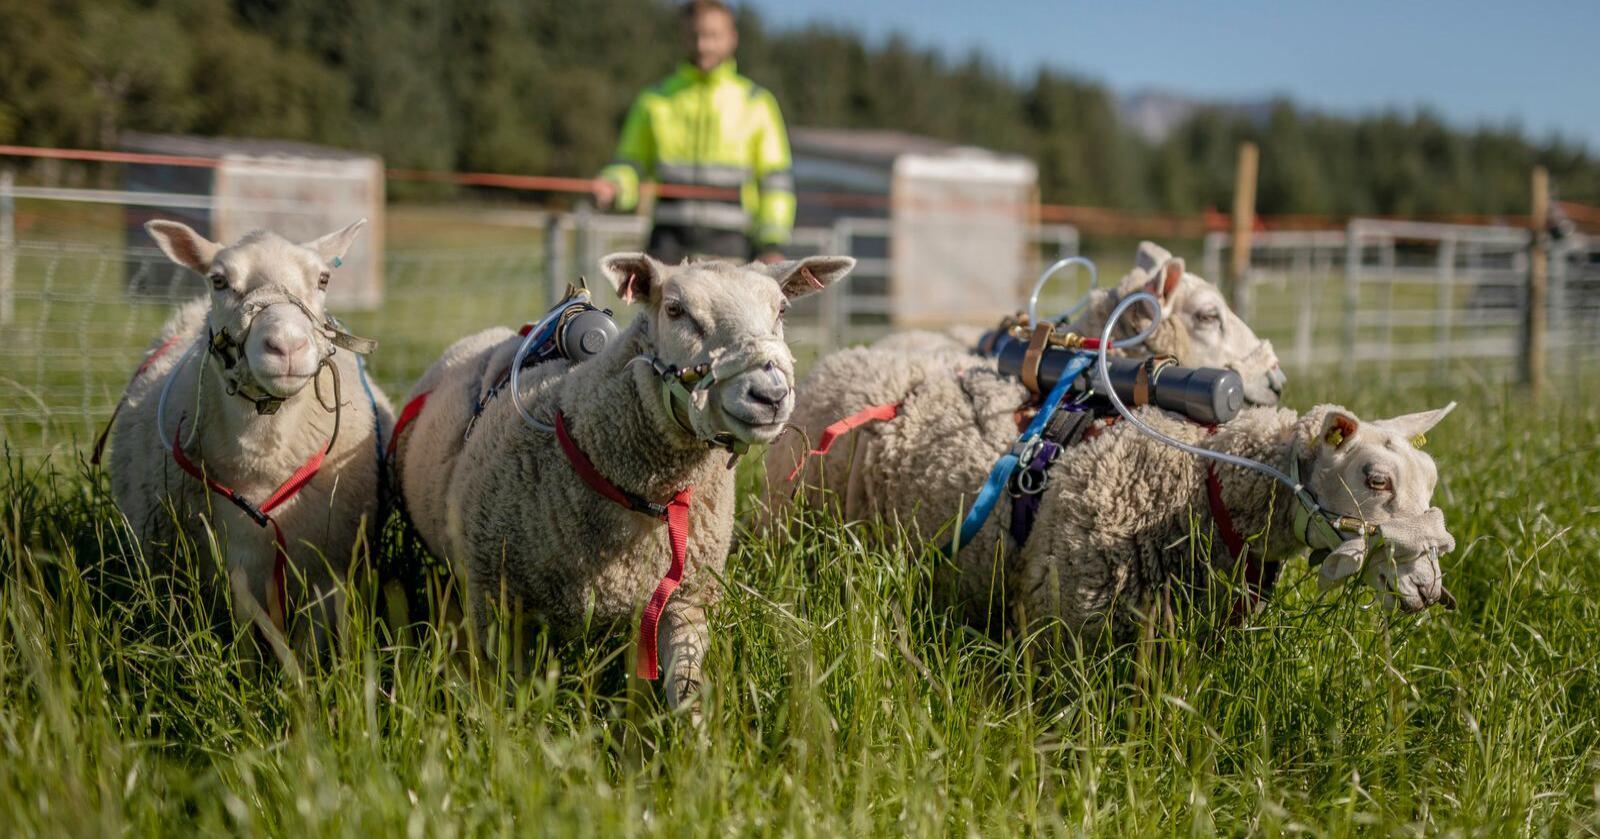 SOMMERENS MOTE: Med gassbeholdere på ryggen, har disse sauene sørget for at forskere ved NIBIO kan beregne hvordan beiting påvirker klimagassutslipp. Foto: There Jægtvik, NIBIO